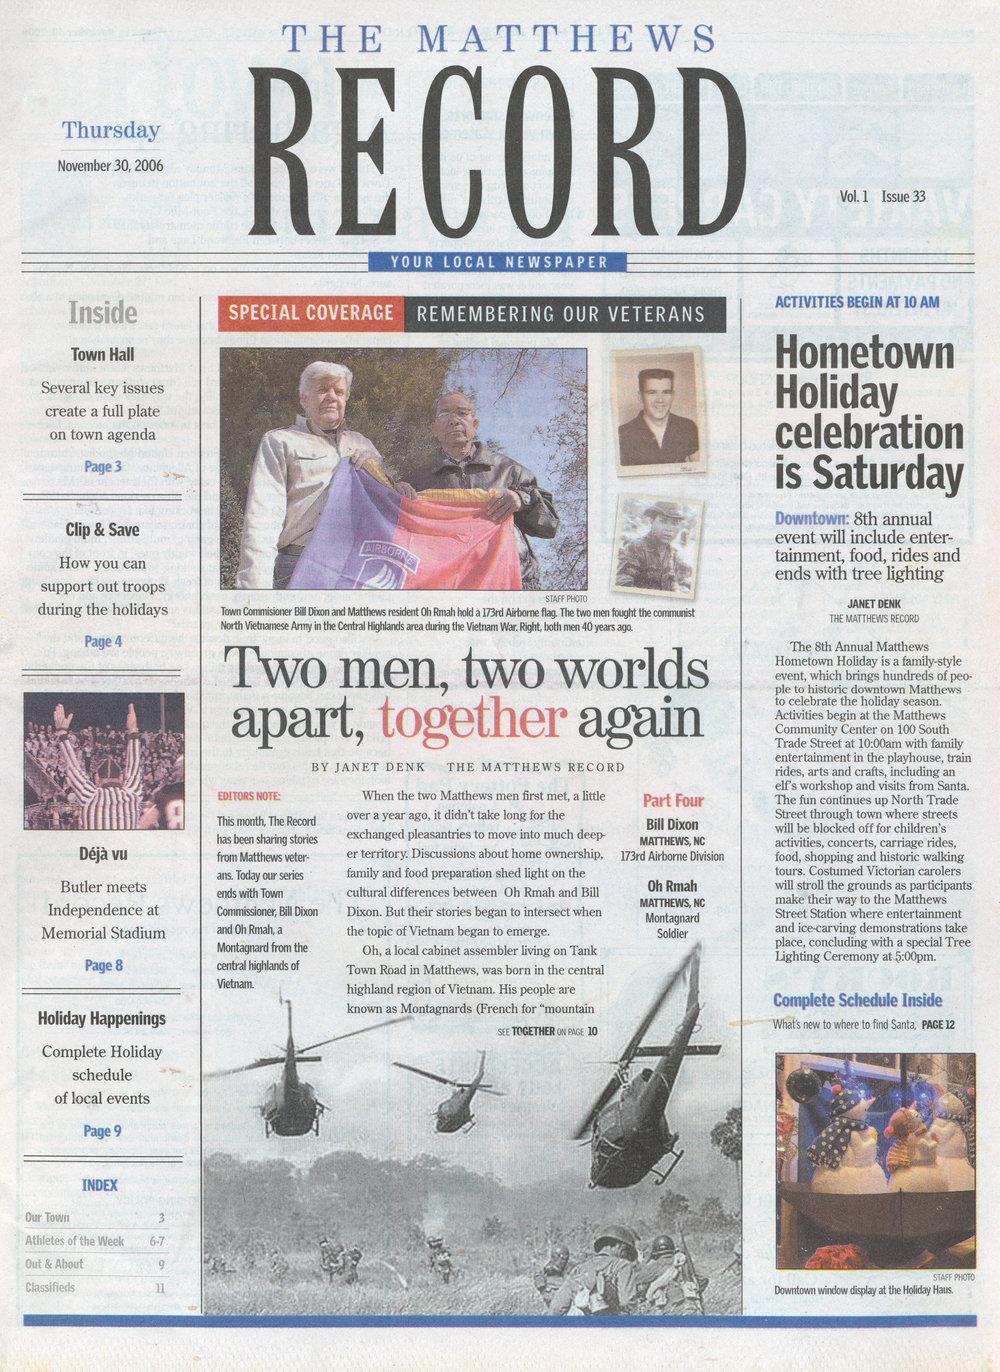 tbt november 6 2006 front.jpg